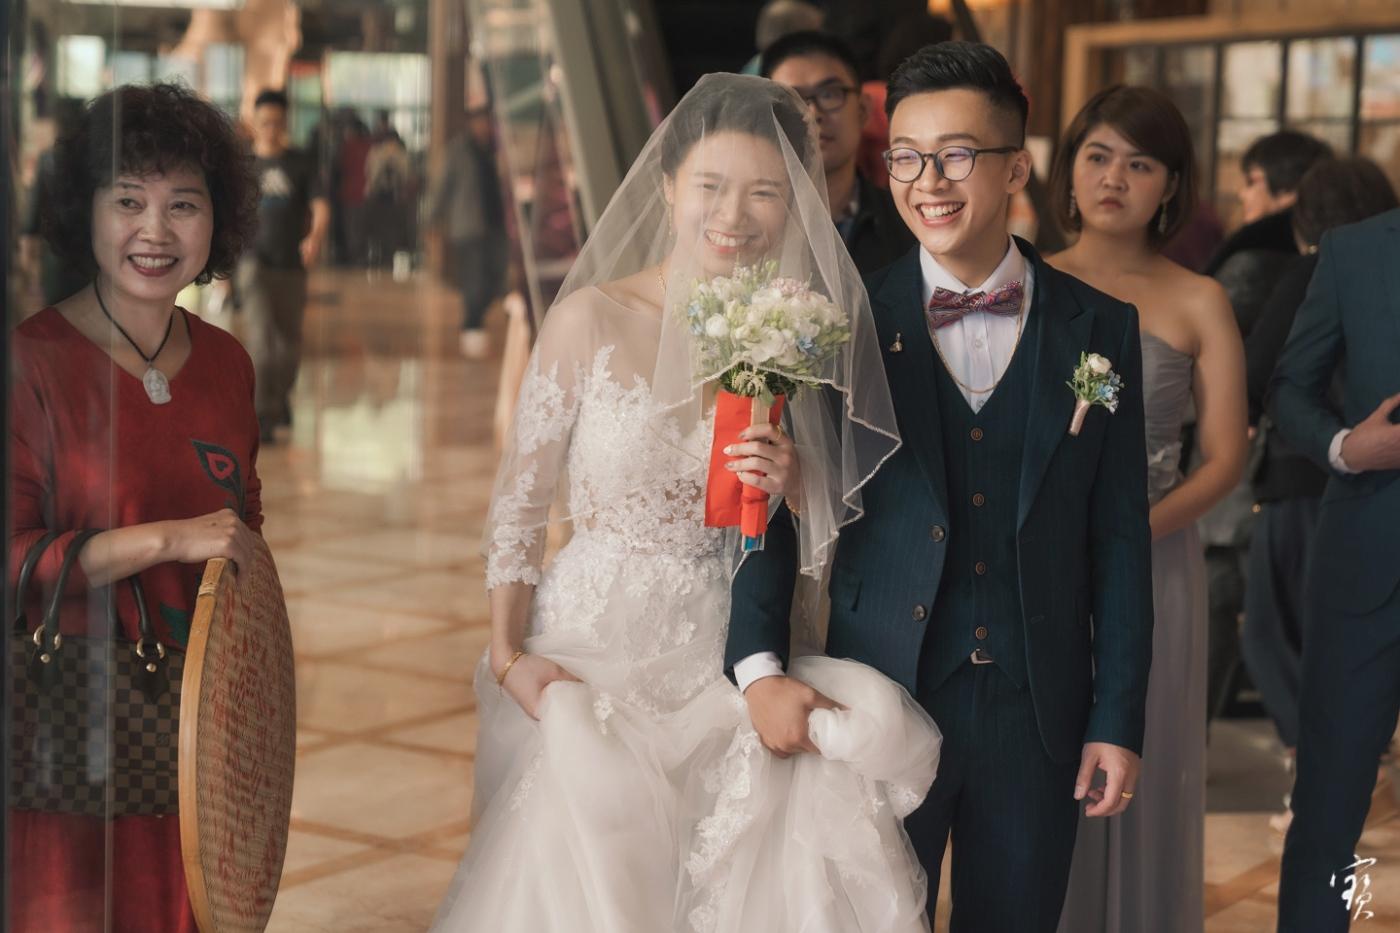 婚禮攝影 婚紗 大直 典華 冬半影像 攝影師大寶 北部攝影 台北攝影 桃園攝影 新竹攝影20181208-210